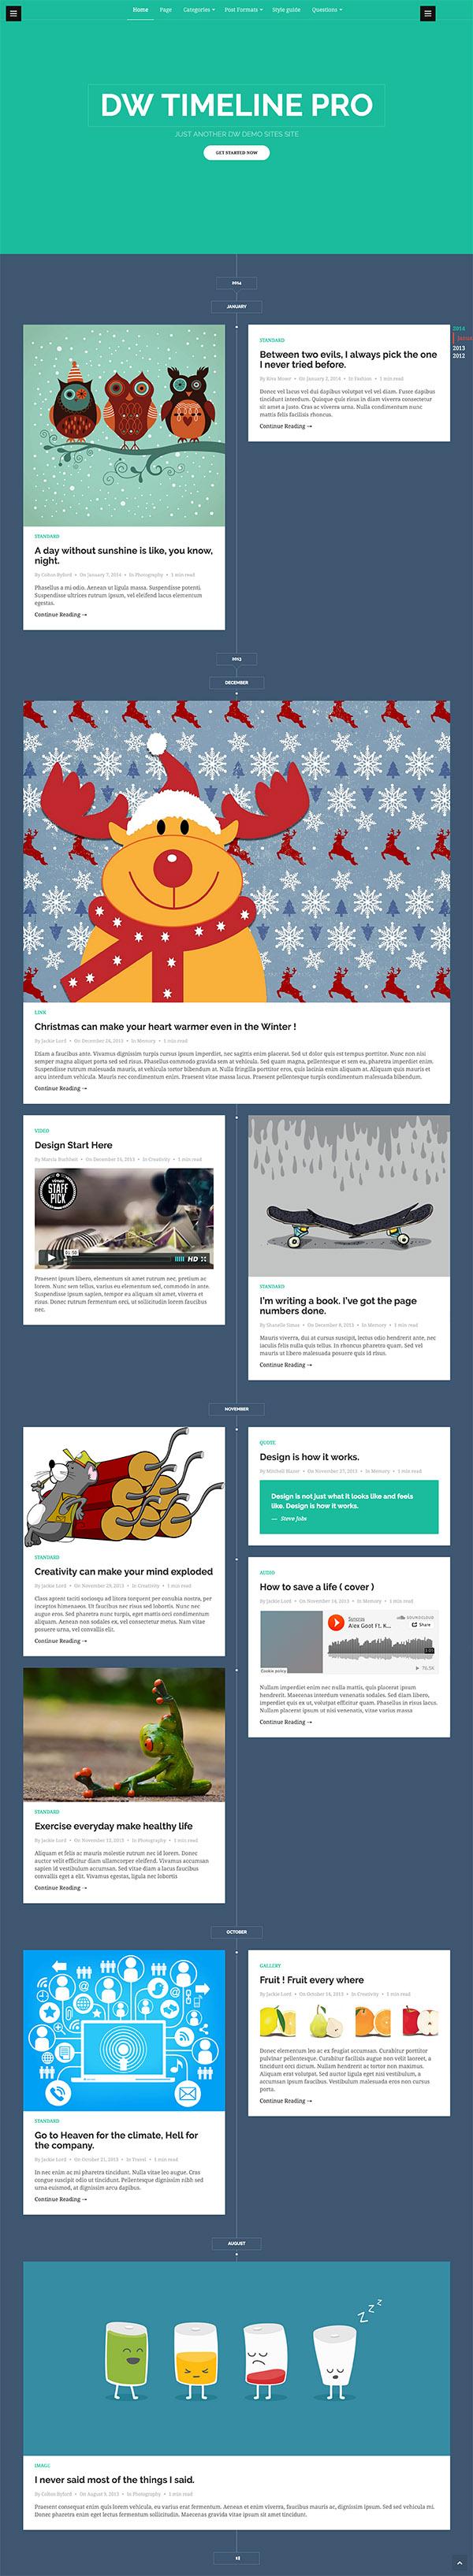 12 DW Timeline Pro - Reponsive Timeline WordPress Theme